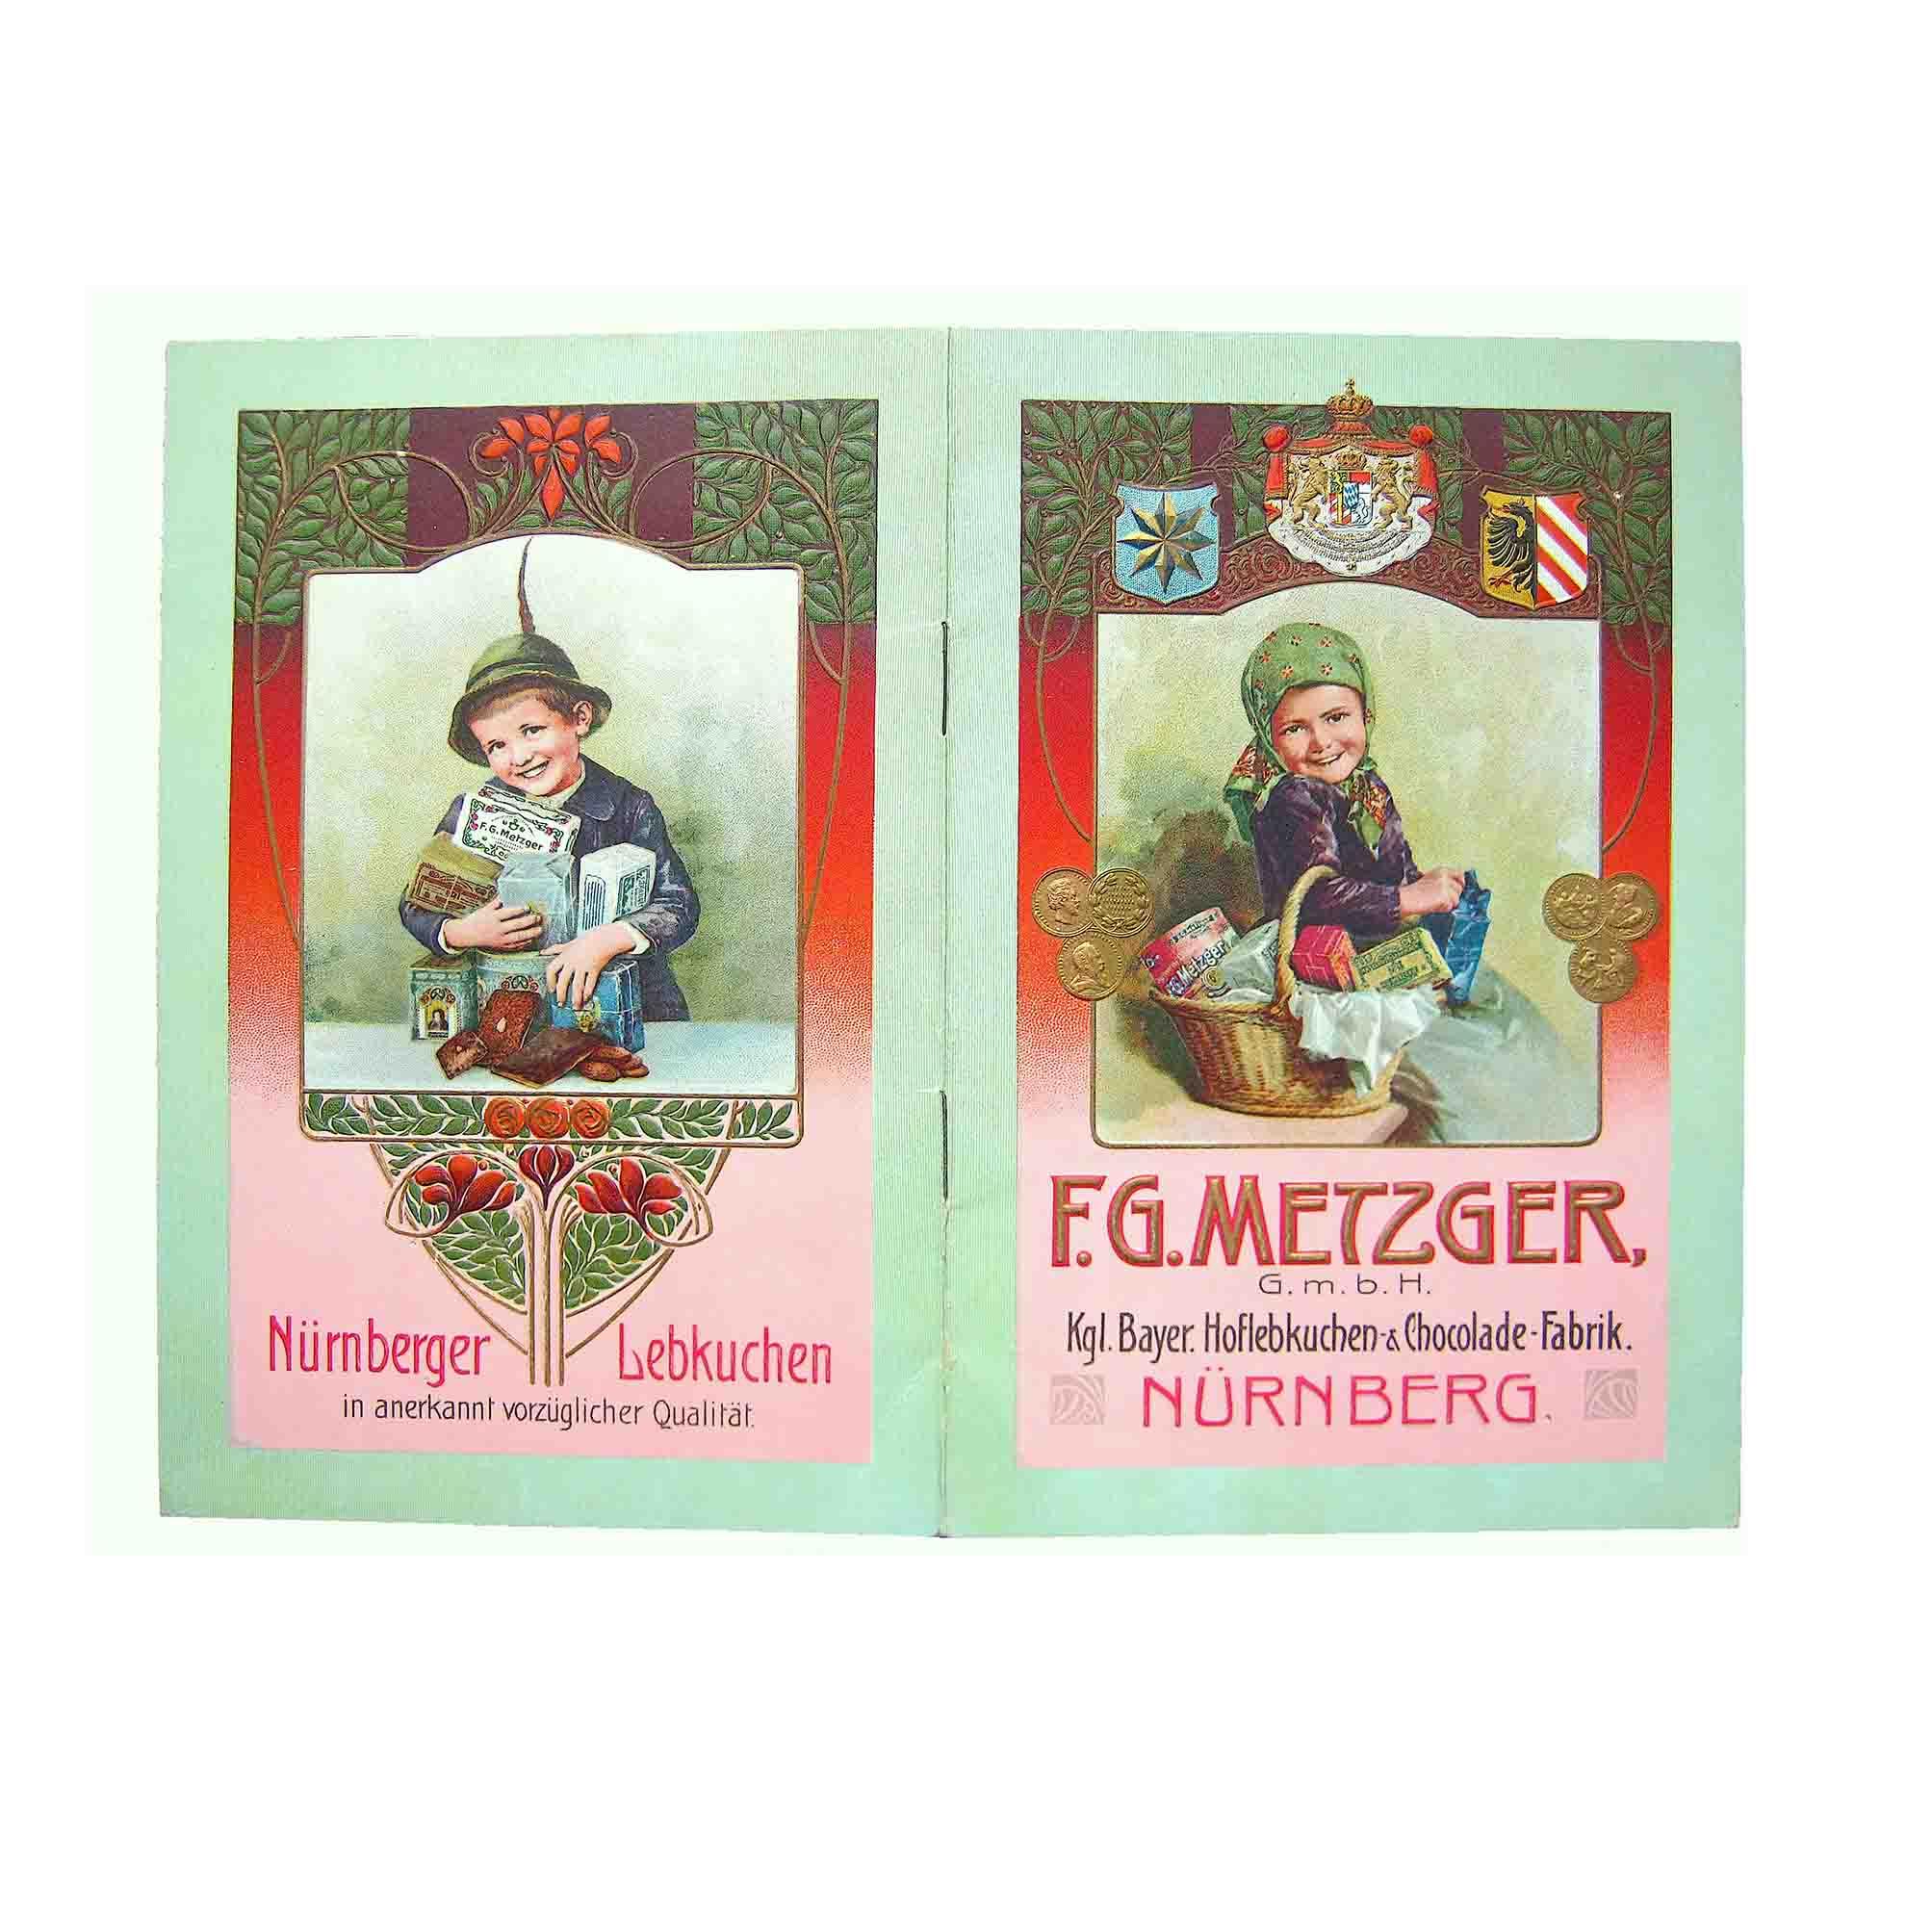 5661-Katalog-Metzger-Lebkuchen-Nuernberg-1913-Umschlag-frei-N.jpg